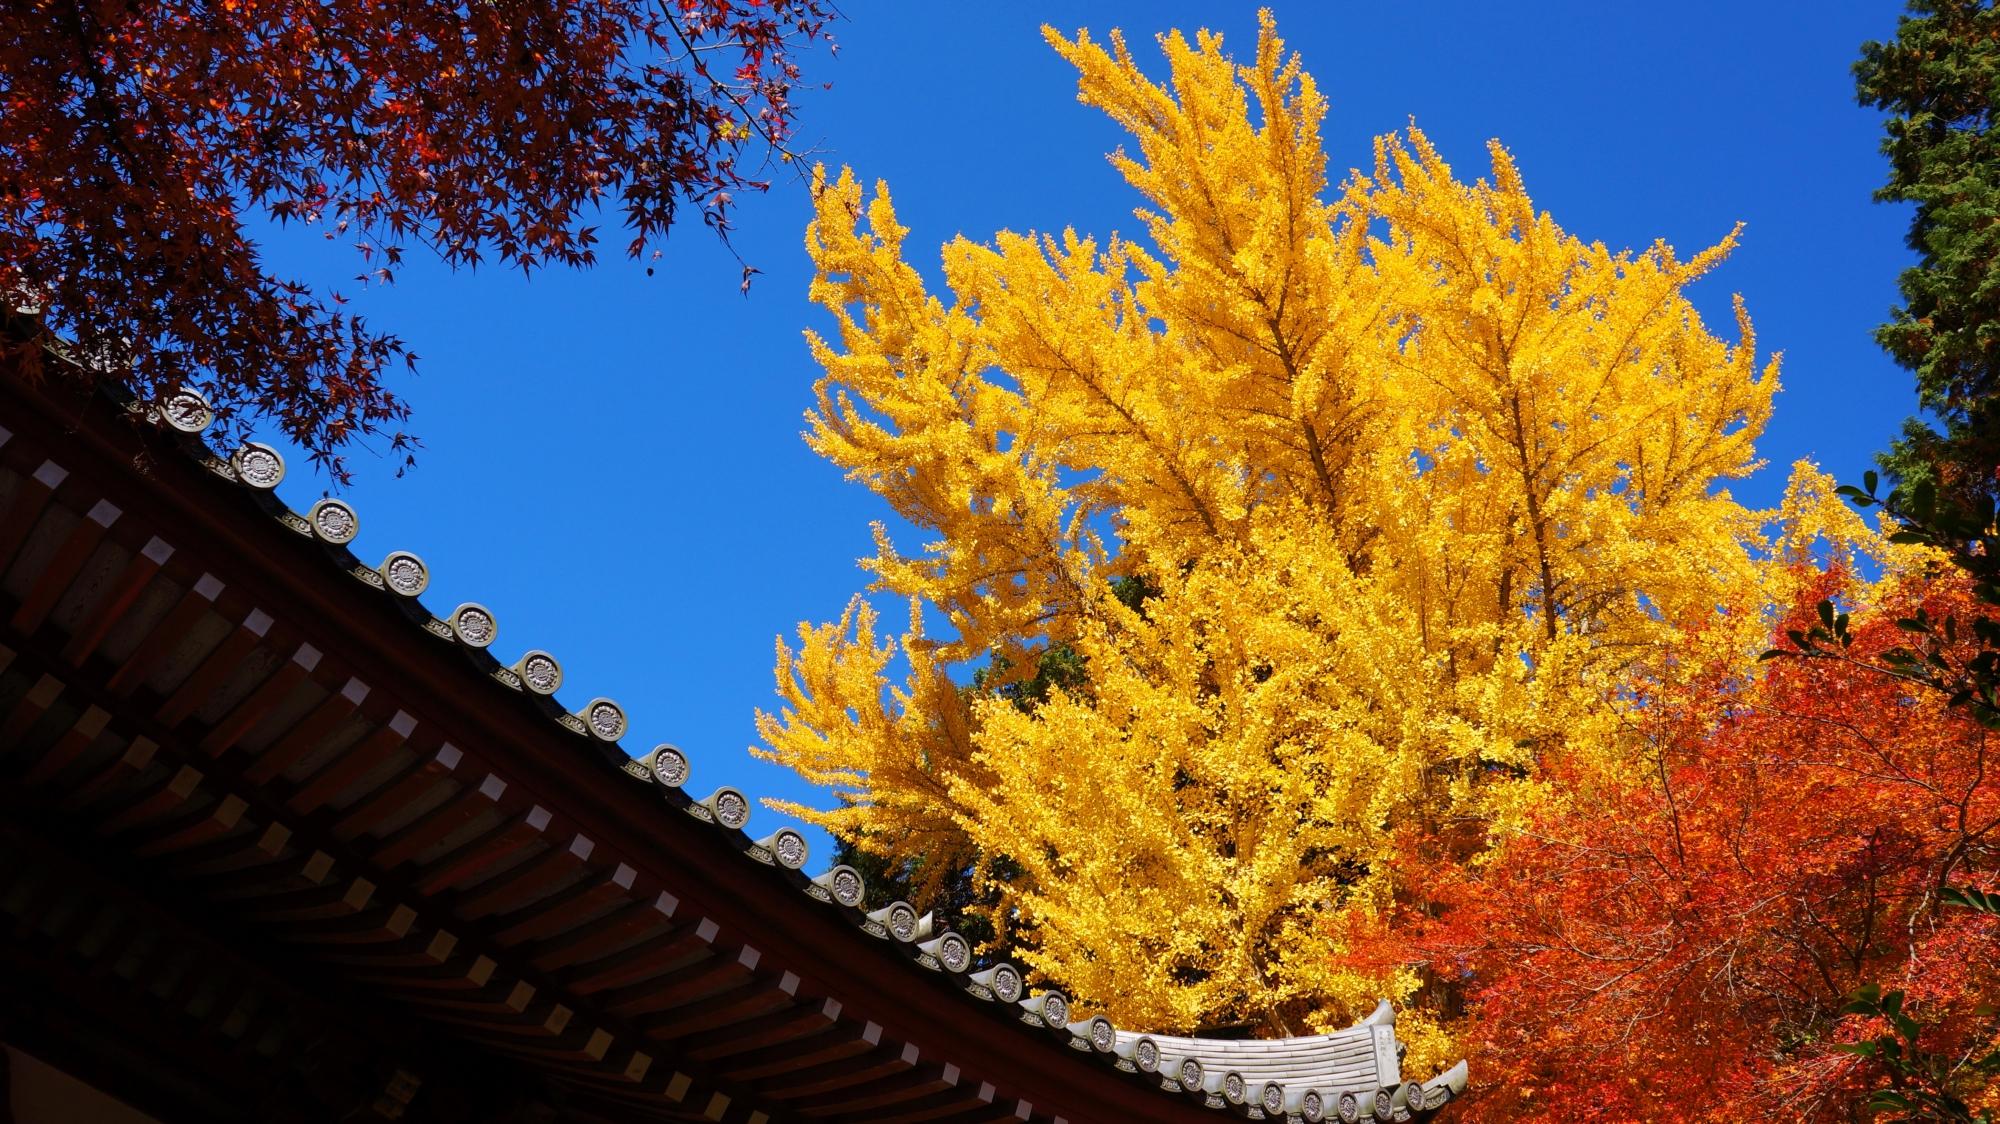 青空の下で黄色く輝く観音堂横の見事な銀杏